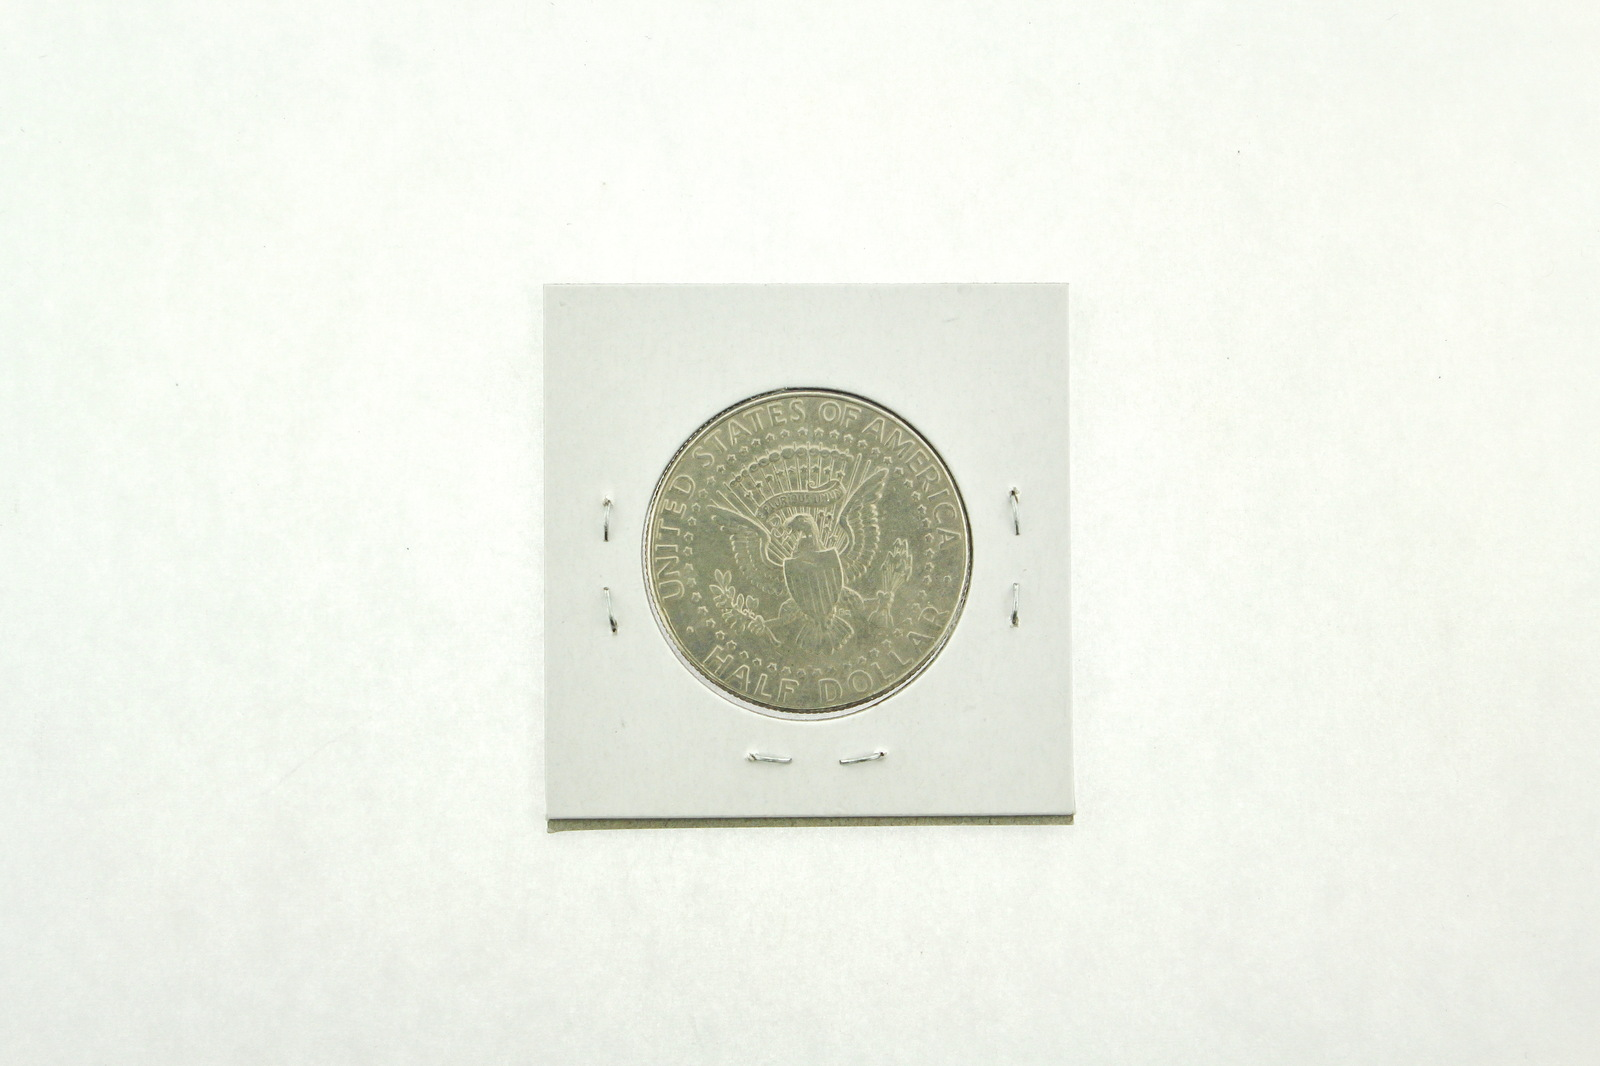 1999-D Kennedy Half Dollar (VF) Very Fine N2-3986-4 image 2